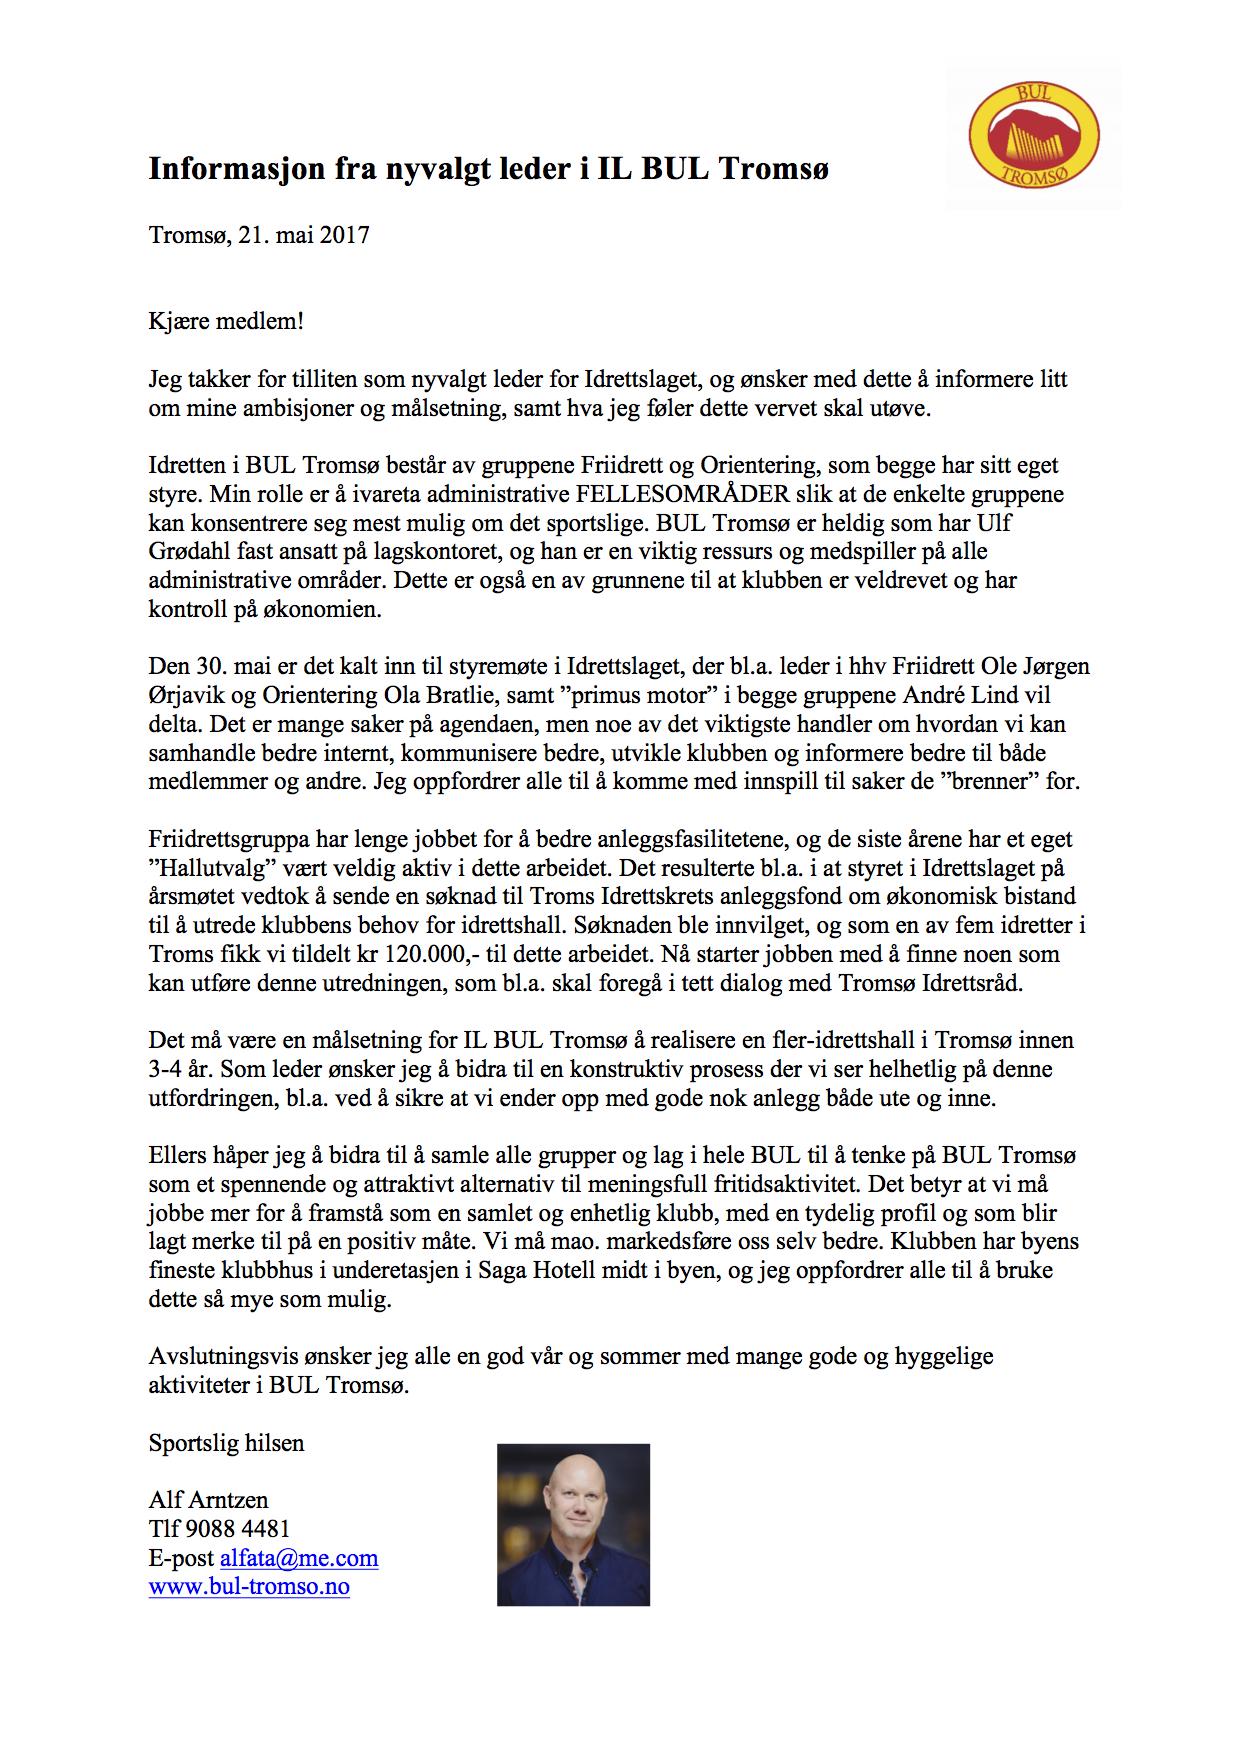 Infobrev fra ny leder - mai 2017